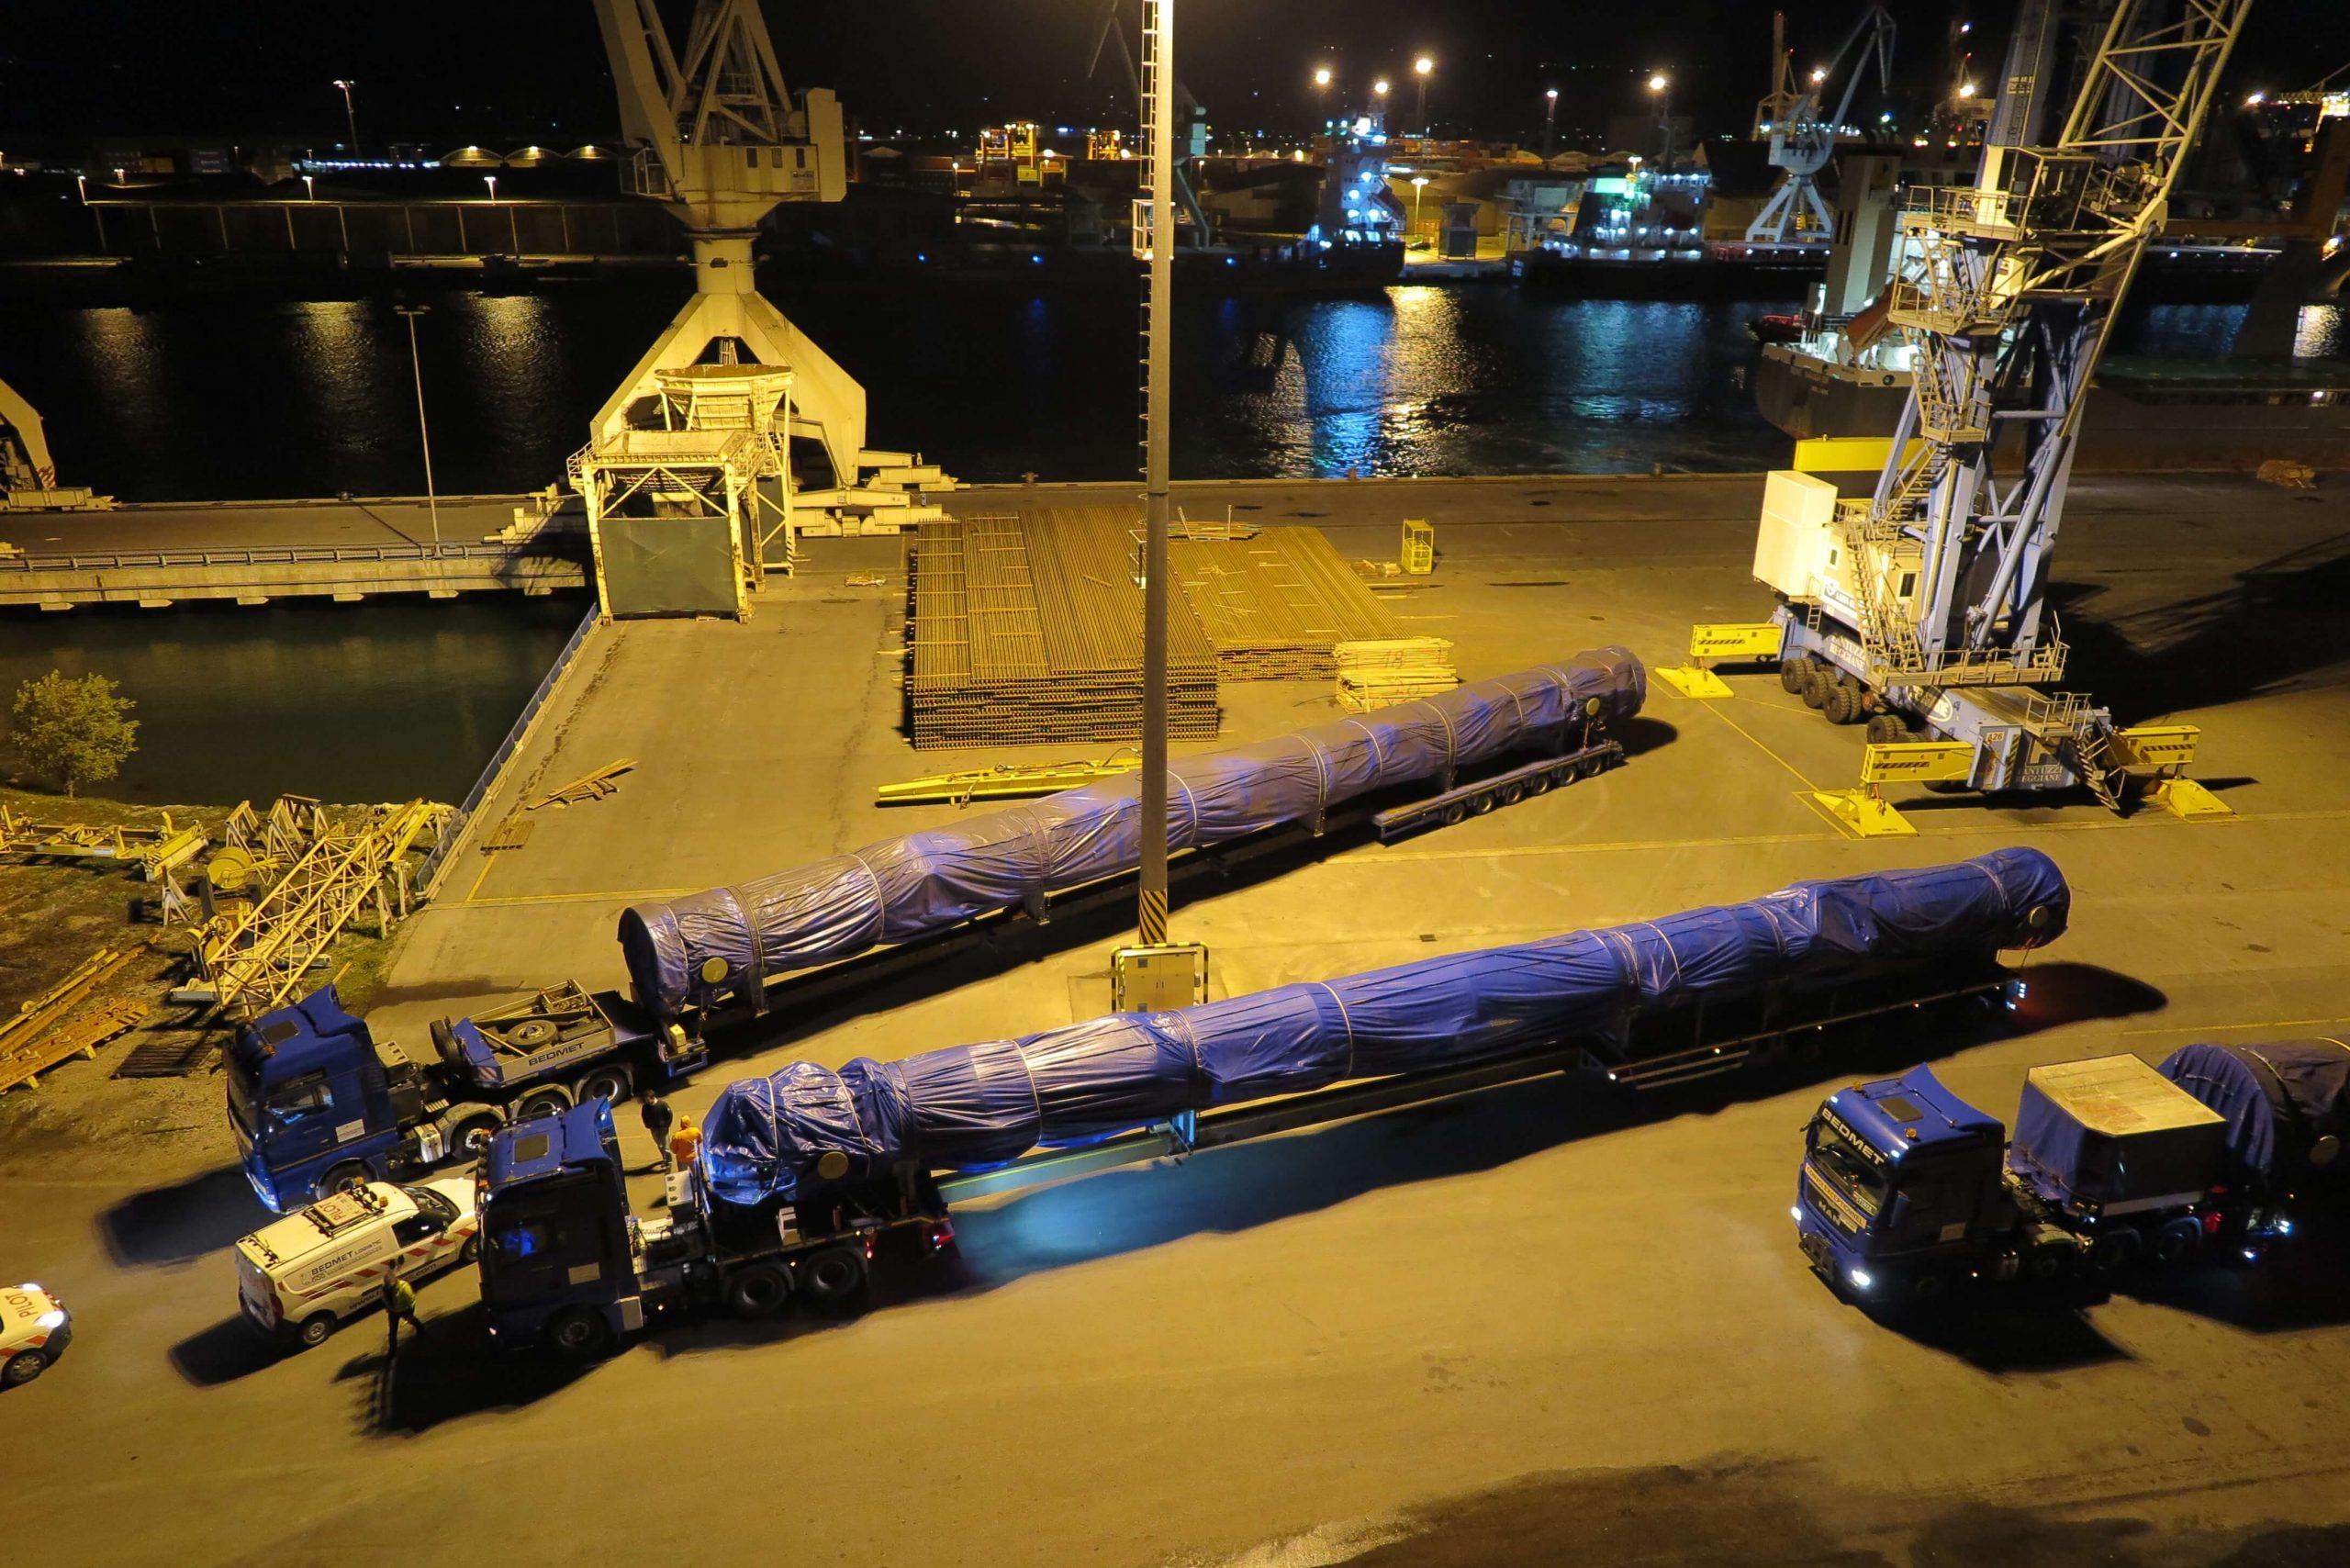 izredni prevoz luka koper dolžina comark scaled